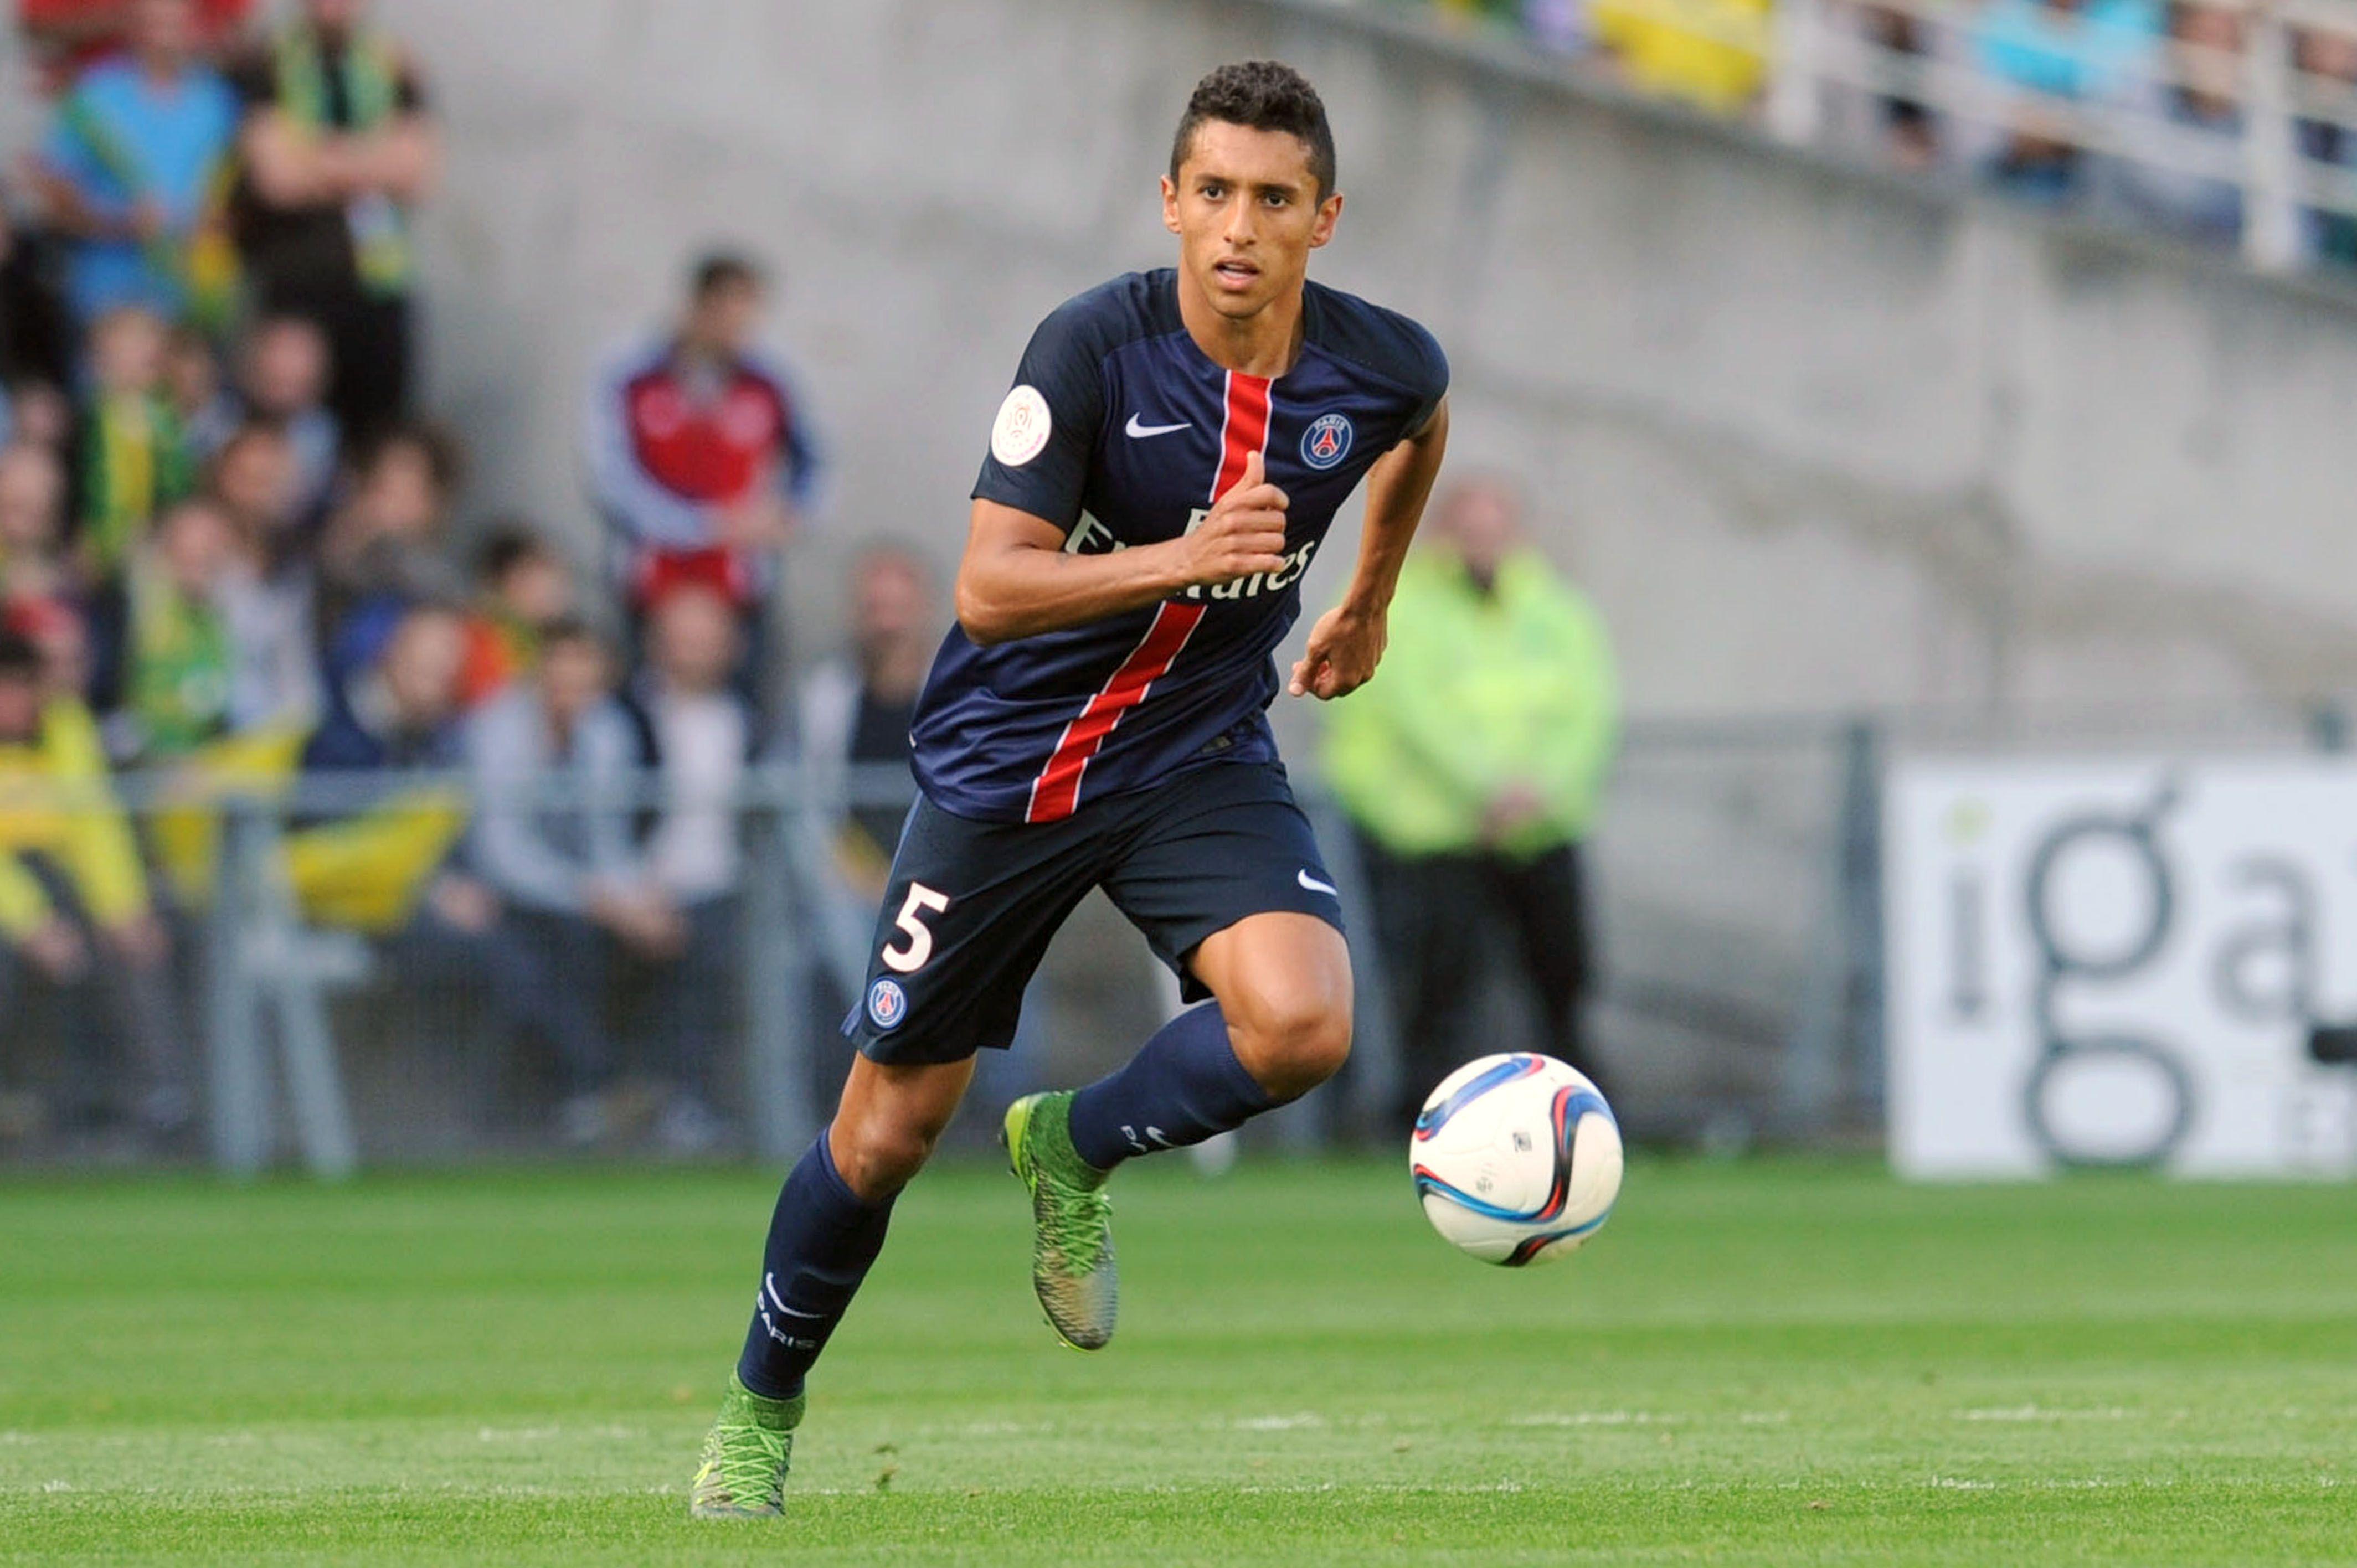 FOOTBALL : Nantes vs Paris SG - Ligue 1 - 26/09/2015